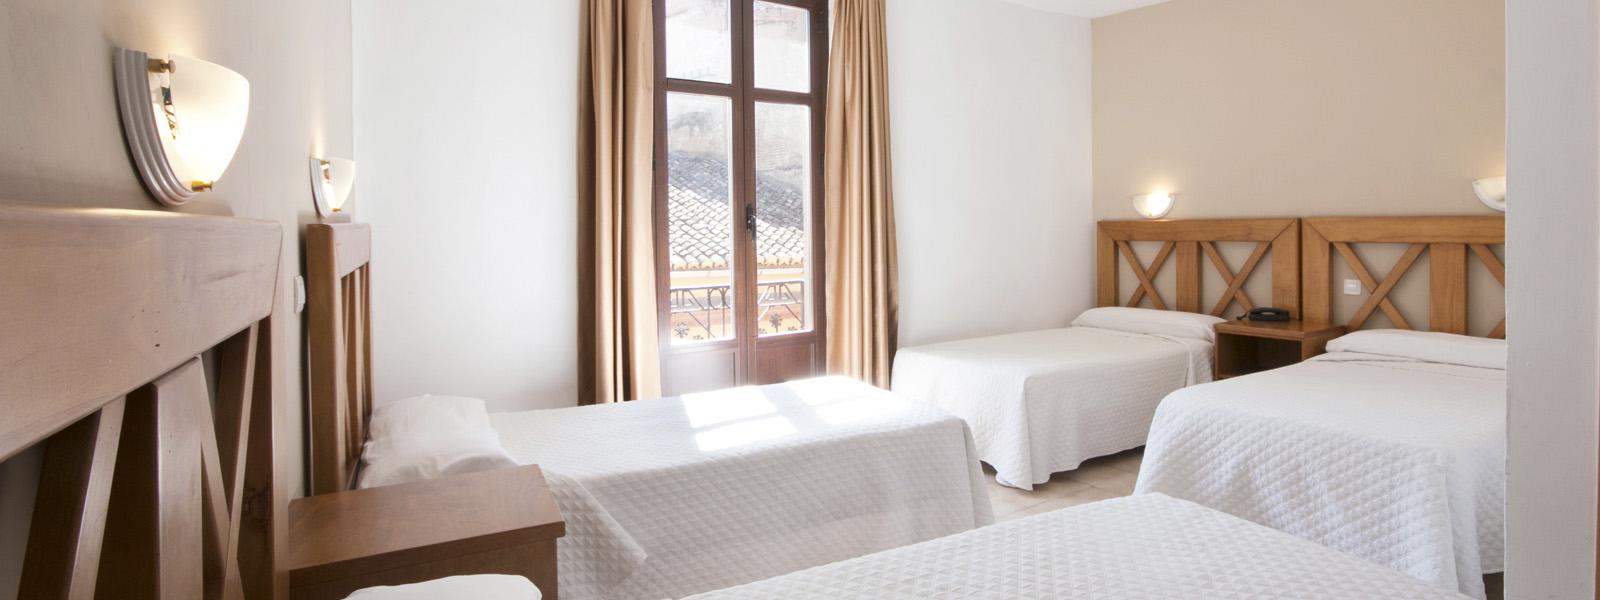 Cuadruple hostal atenas hotel en granada centro de for Alojamiento barato en sevilla centro